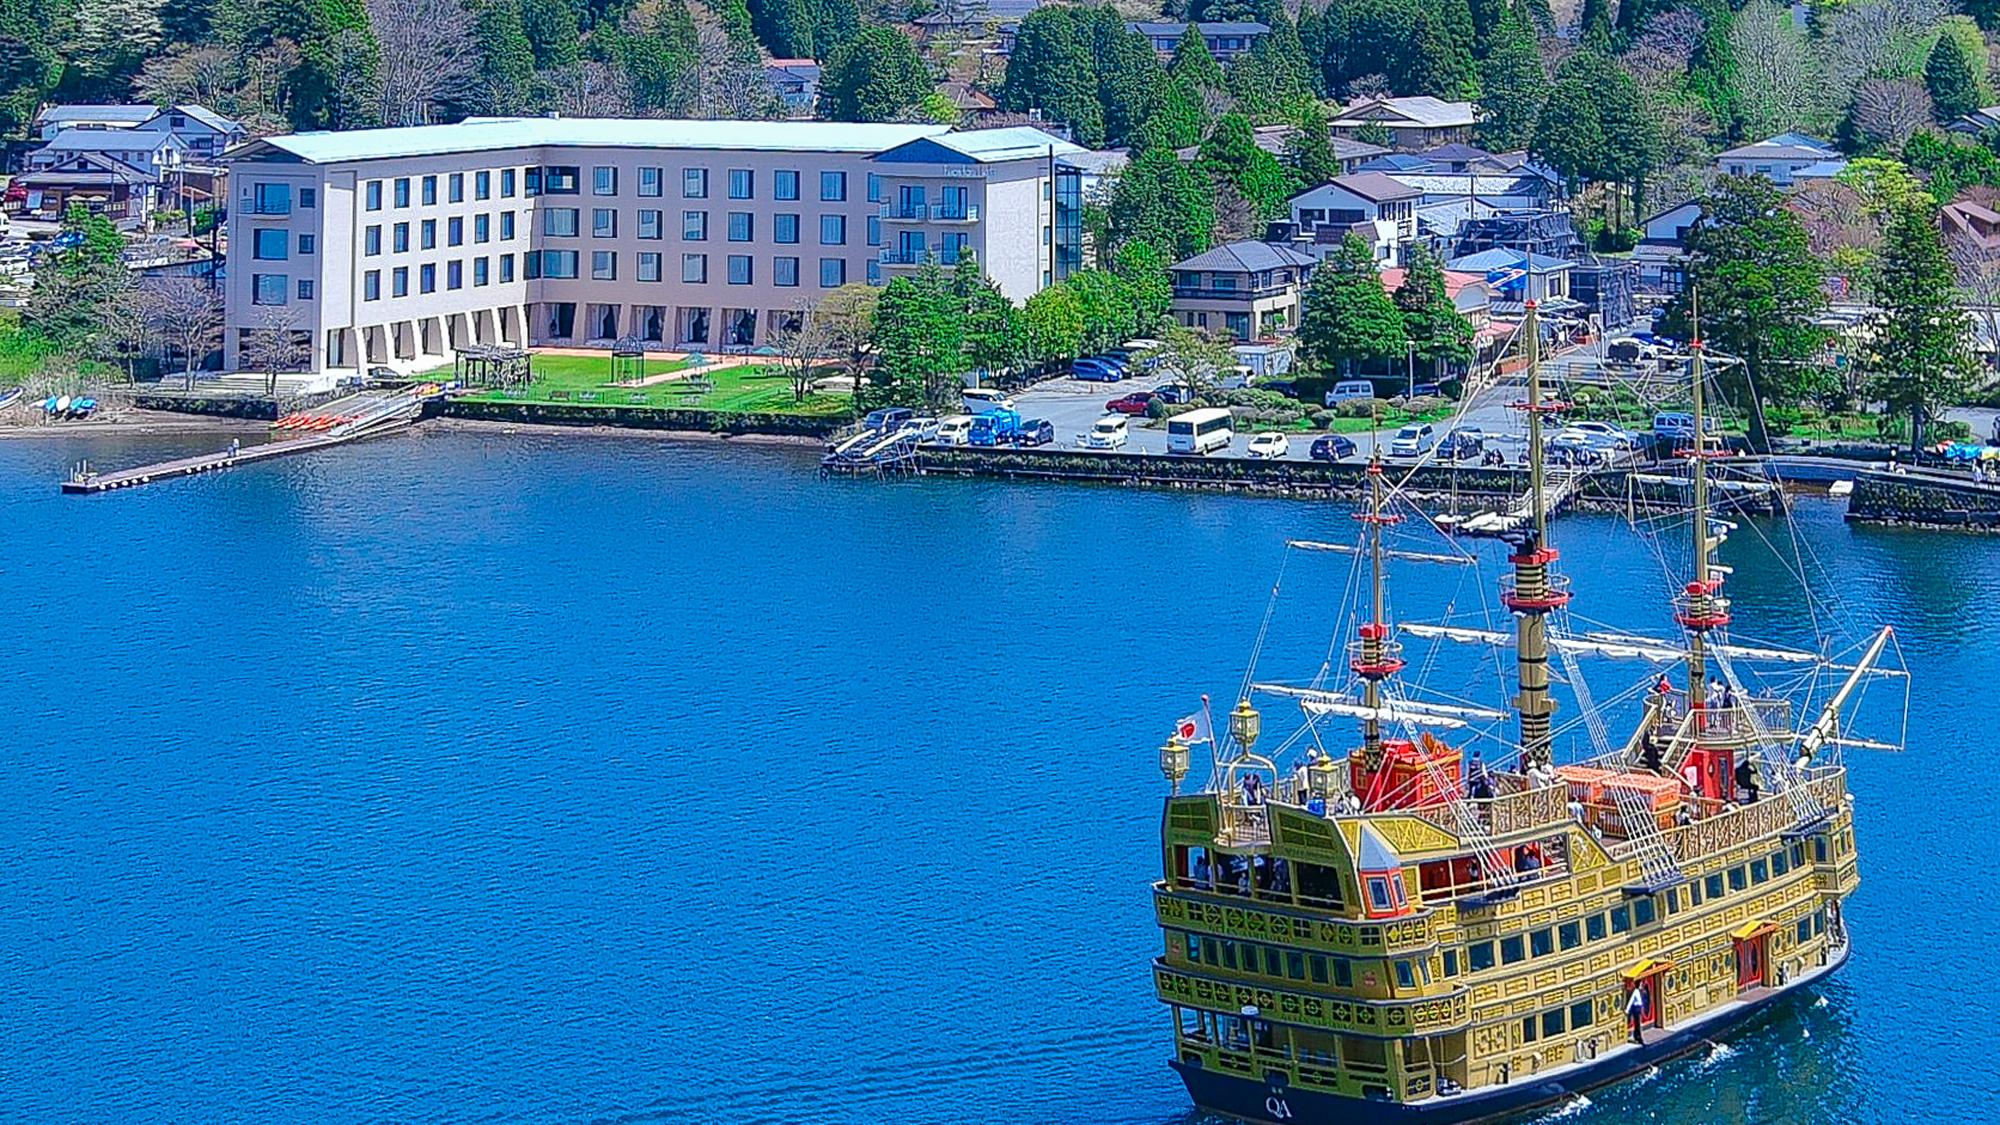 箱根駅伝を応援するための便利な宿泊施設を教えてください。